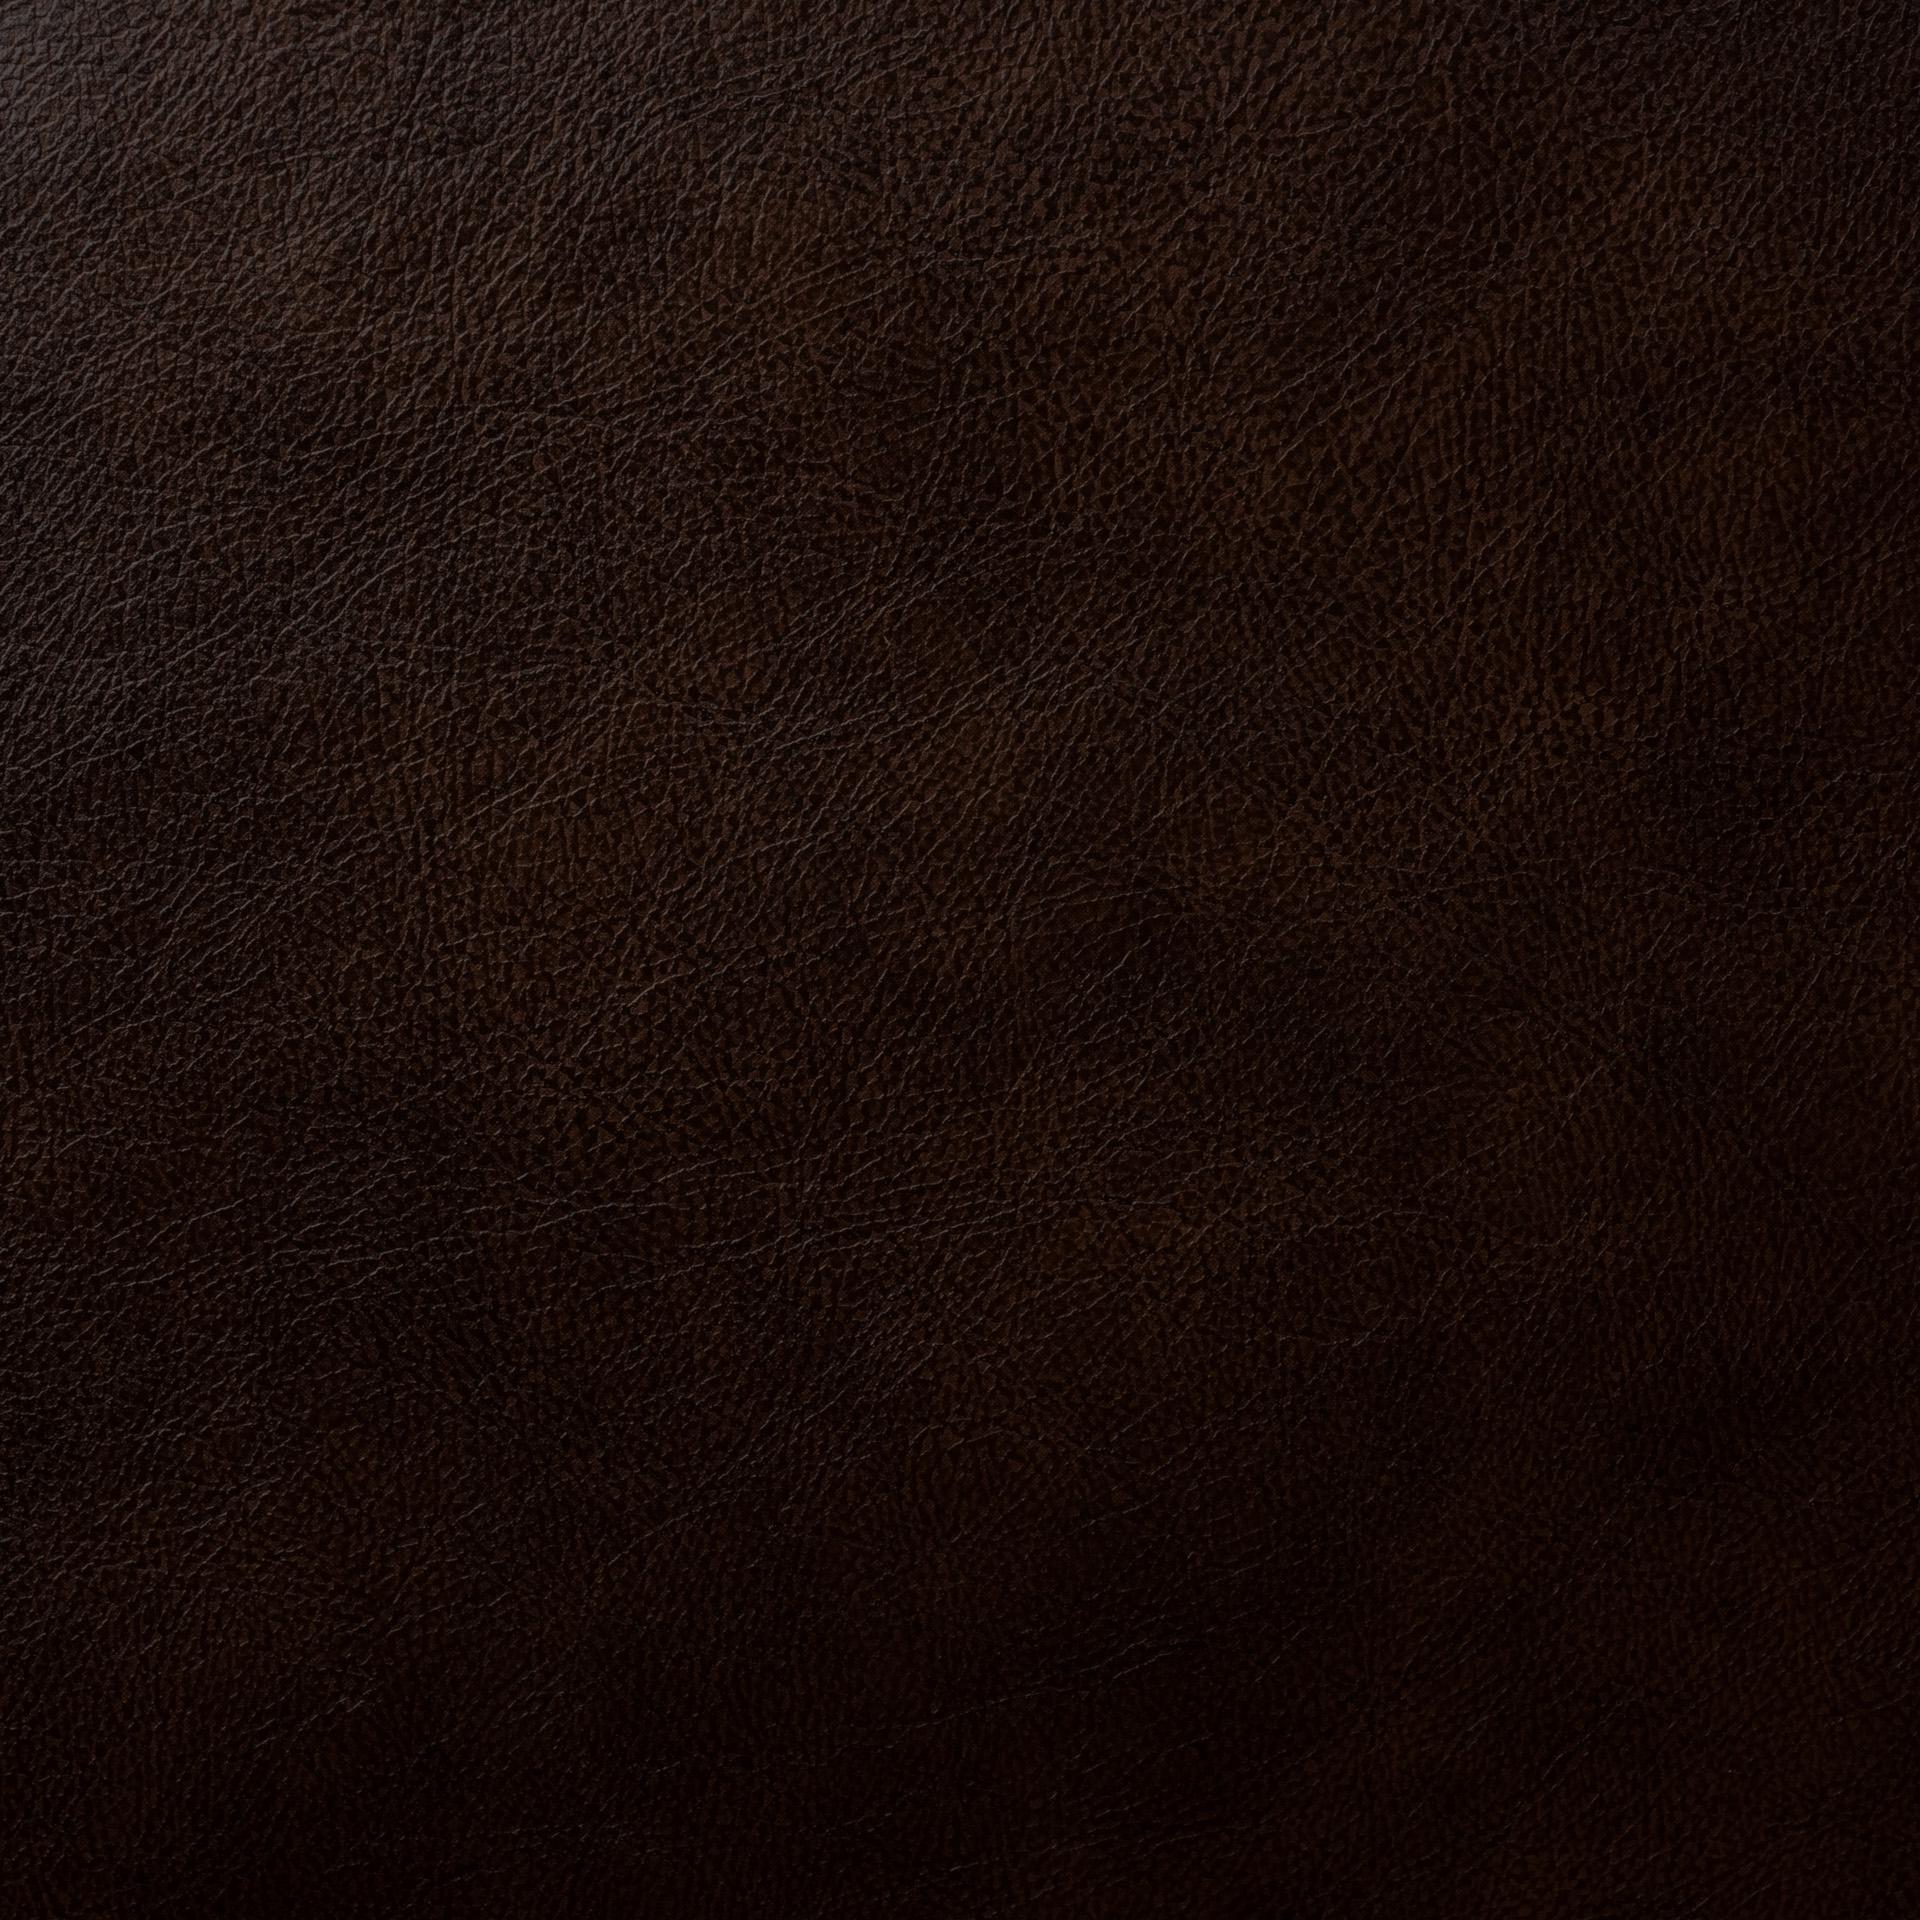 Коллекция ткани Прайм ESPRESSO,  купить ткань Кож зам для мебели Украина